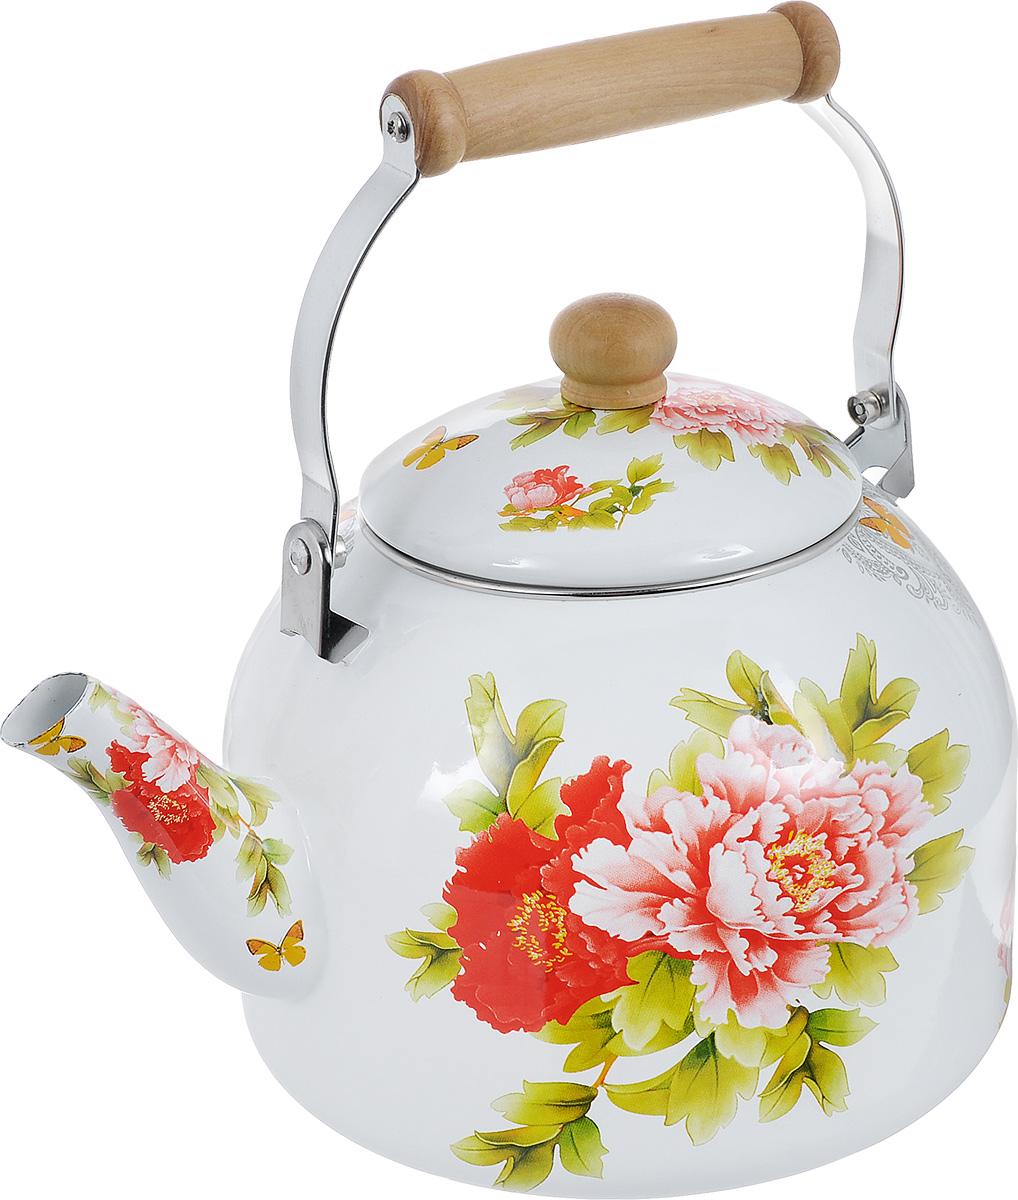 купить эмалированный чайник для плиты